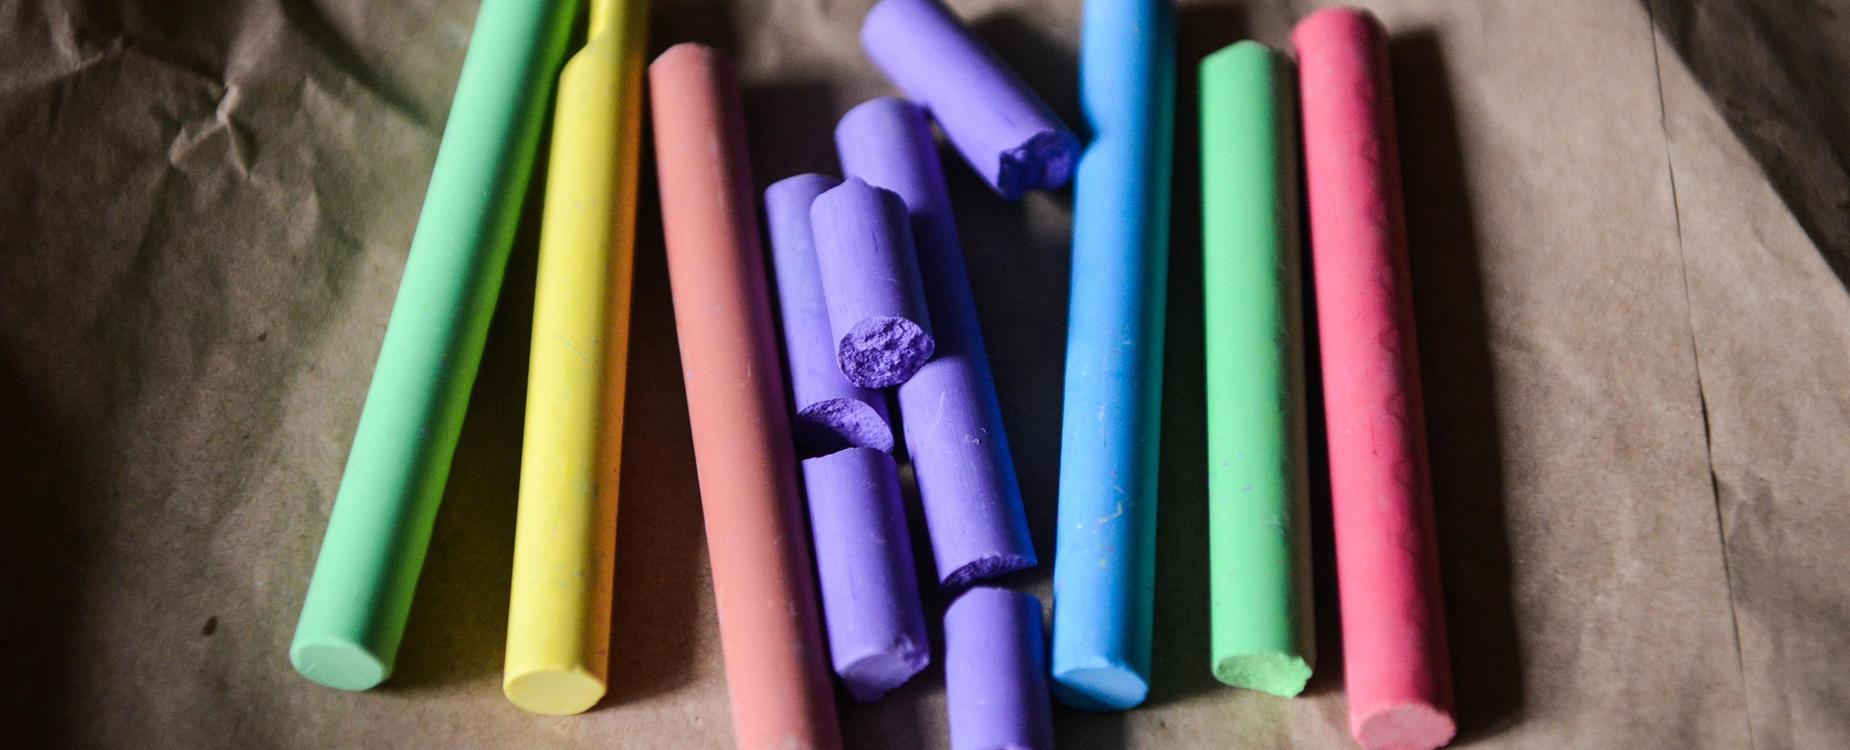 Color chalks